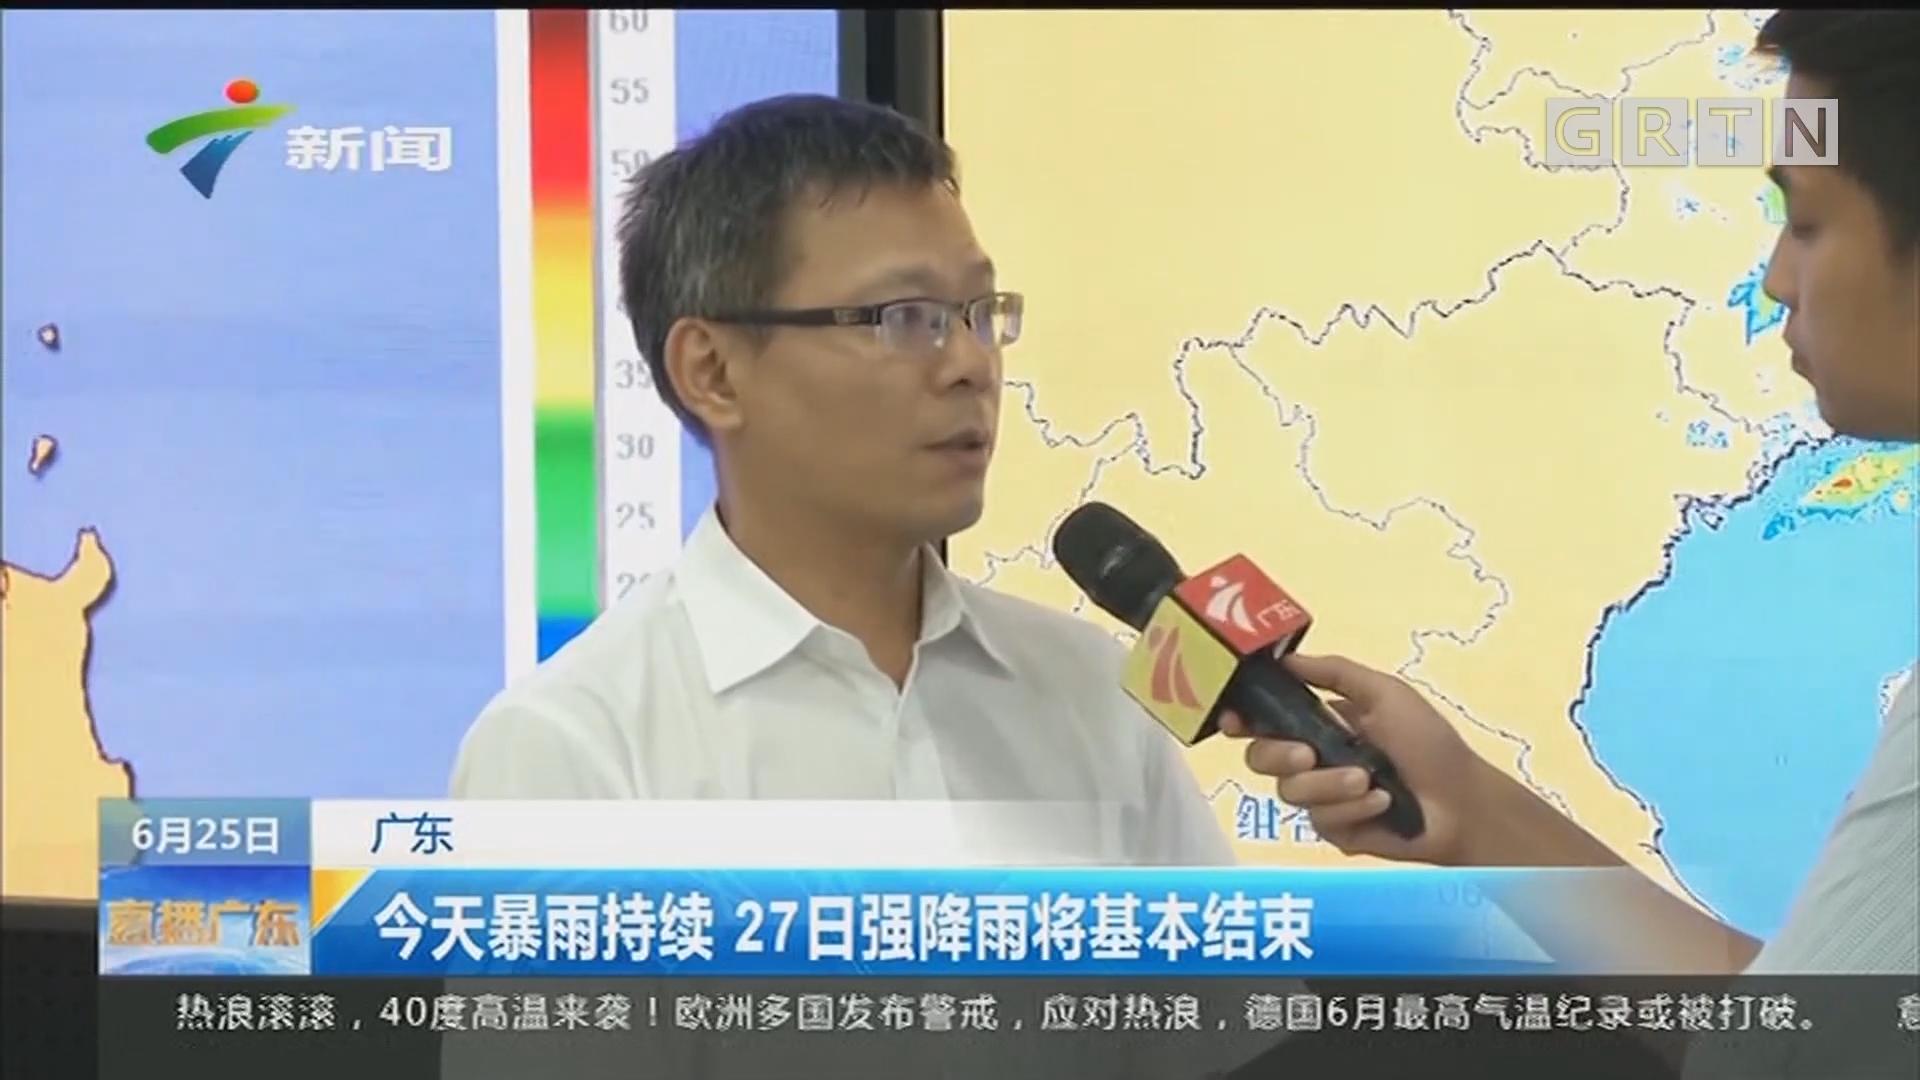 广东:今天暴雨持续 27日强降雨将基本结束